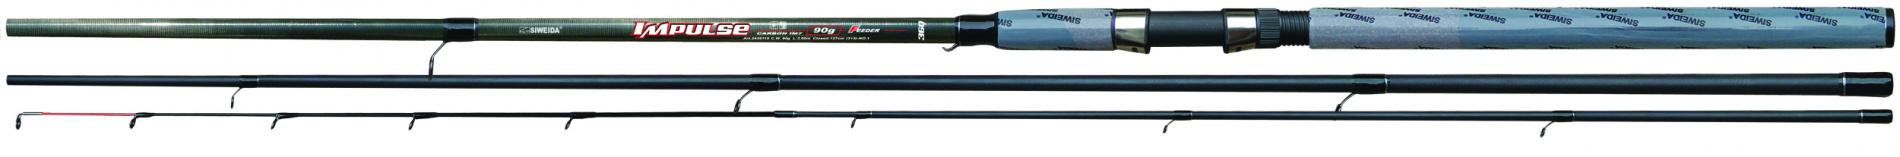 Удилище фидер. SWD Impulse 3,9м карбон IM7 (3сек+3хл, Удилища фидерные и пикерные<br>Мощный 3-х частный штекерный фидер, изготовленный <br>из карбона IM7. Основные характеристики удилища: <br>длина 3,9м (в сложенном состоянии 130см), количество <br>секций - 3, максимальный вес оснастки - до <br>120г. Удилище оснащено кольцами SIC, надежным <br>винтовым катушкодержателем и комбинированной <br>ручкой из EVA и пробки. Комплектуется 3-мя <br>сменными хлыстами - 1 из карбона и 2 из стекловолокна <br>с разными тестами, которые выбирают исходя <br>из массы оснасток. Рекомендуется для ловли <br>на реках со средним и быстрым течением и <br>в водоемах со стоячей водой.<br>